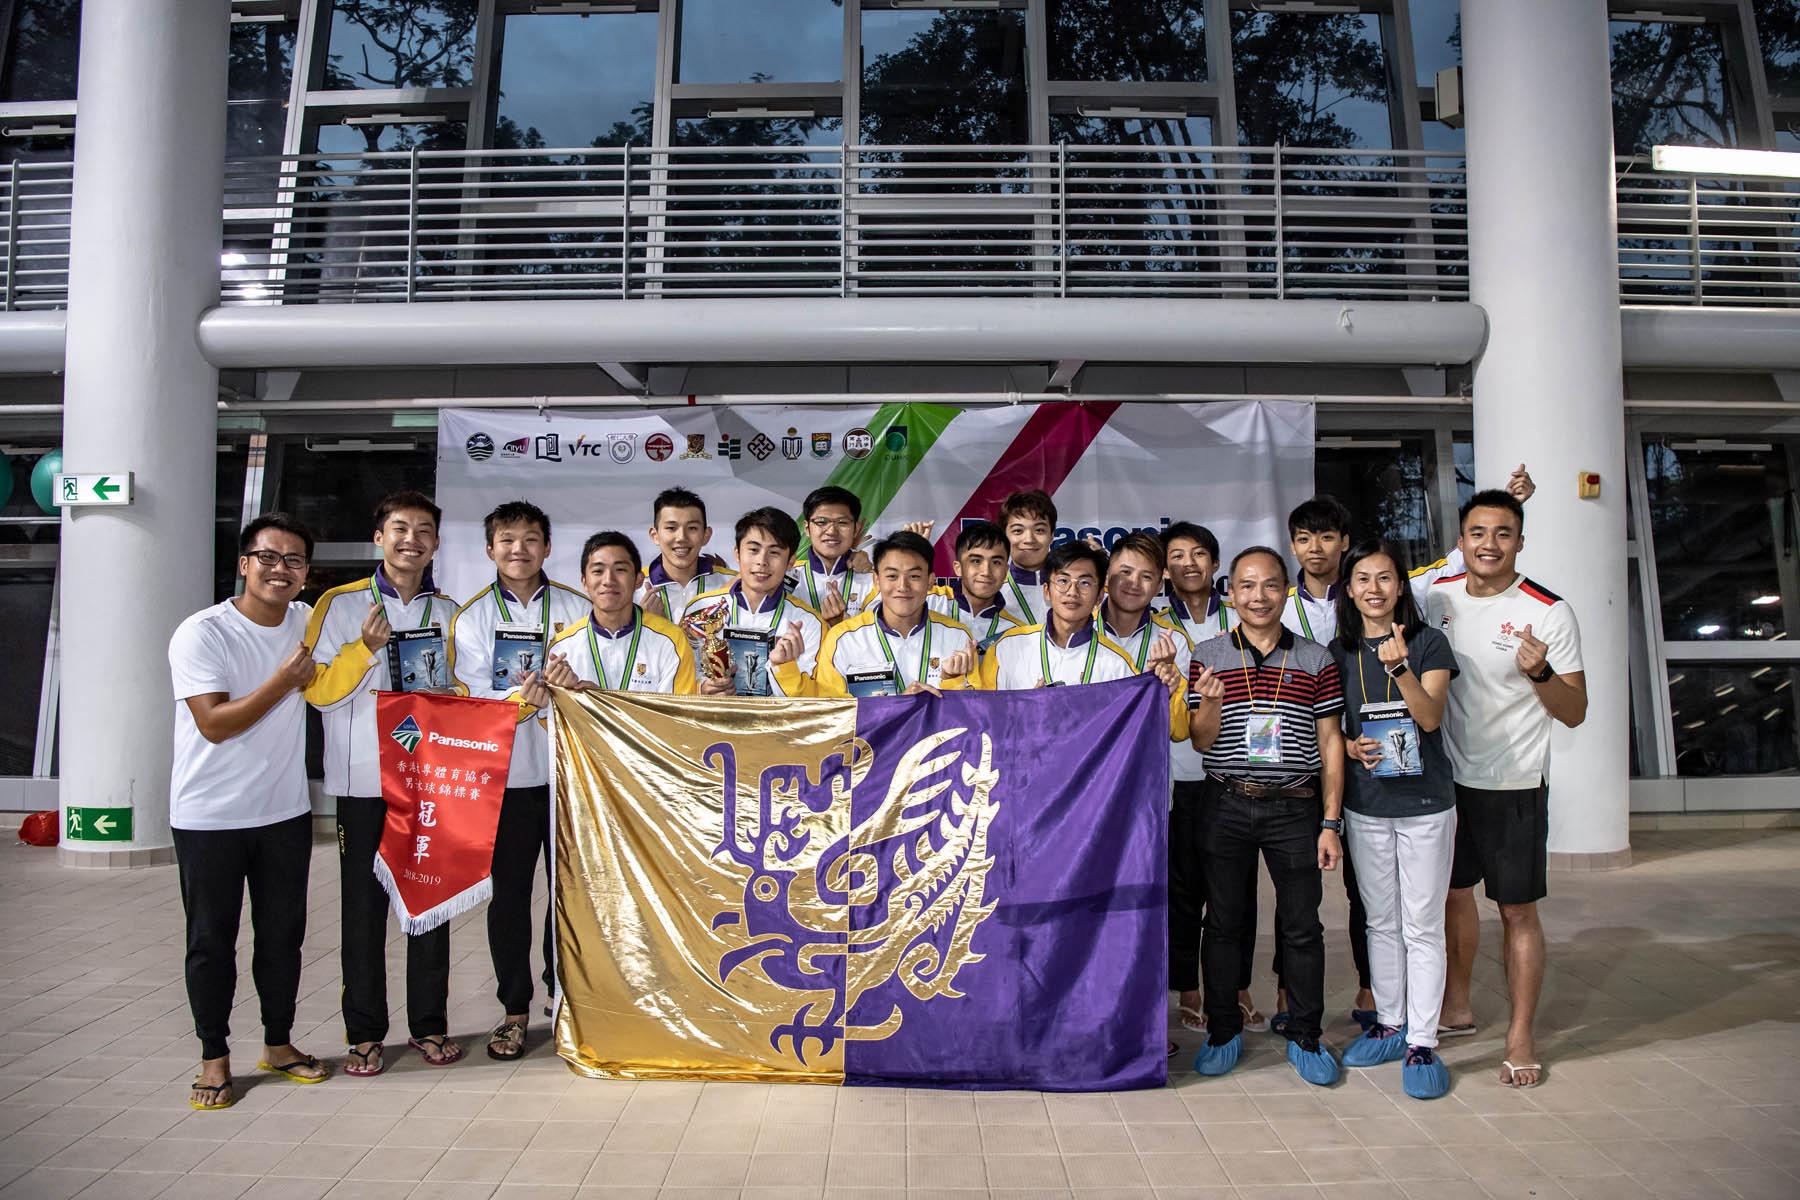 香港大专体育协会乐声大专男子水球锦标赛2018-2019